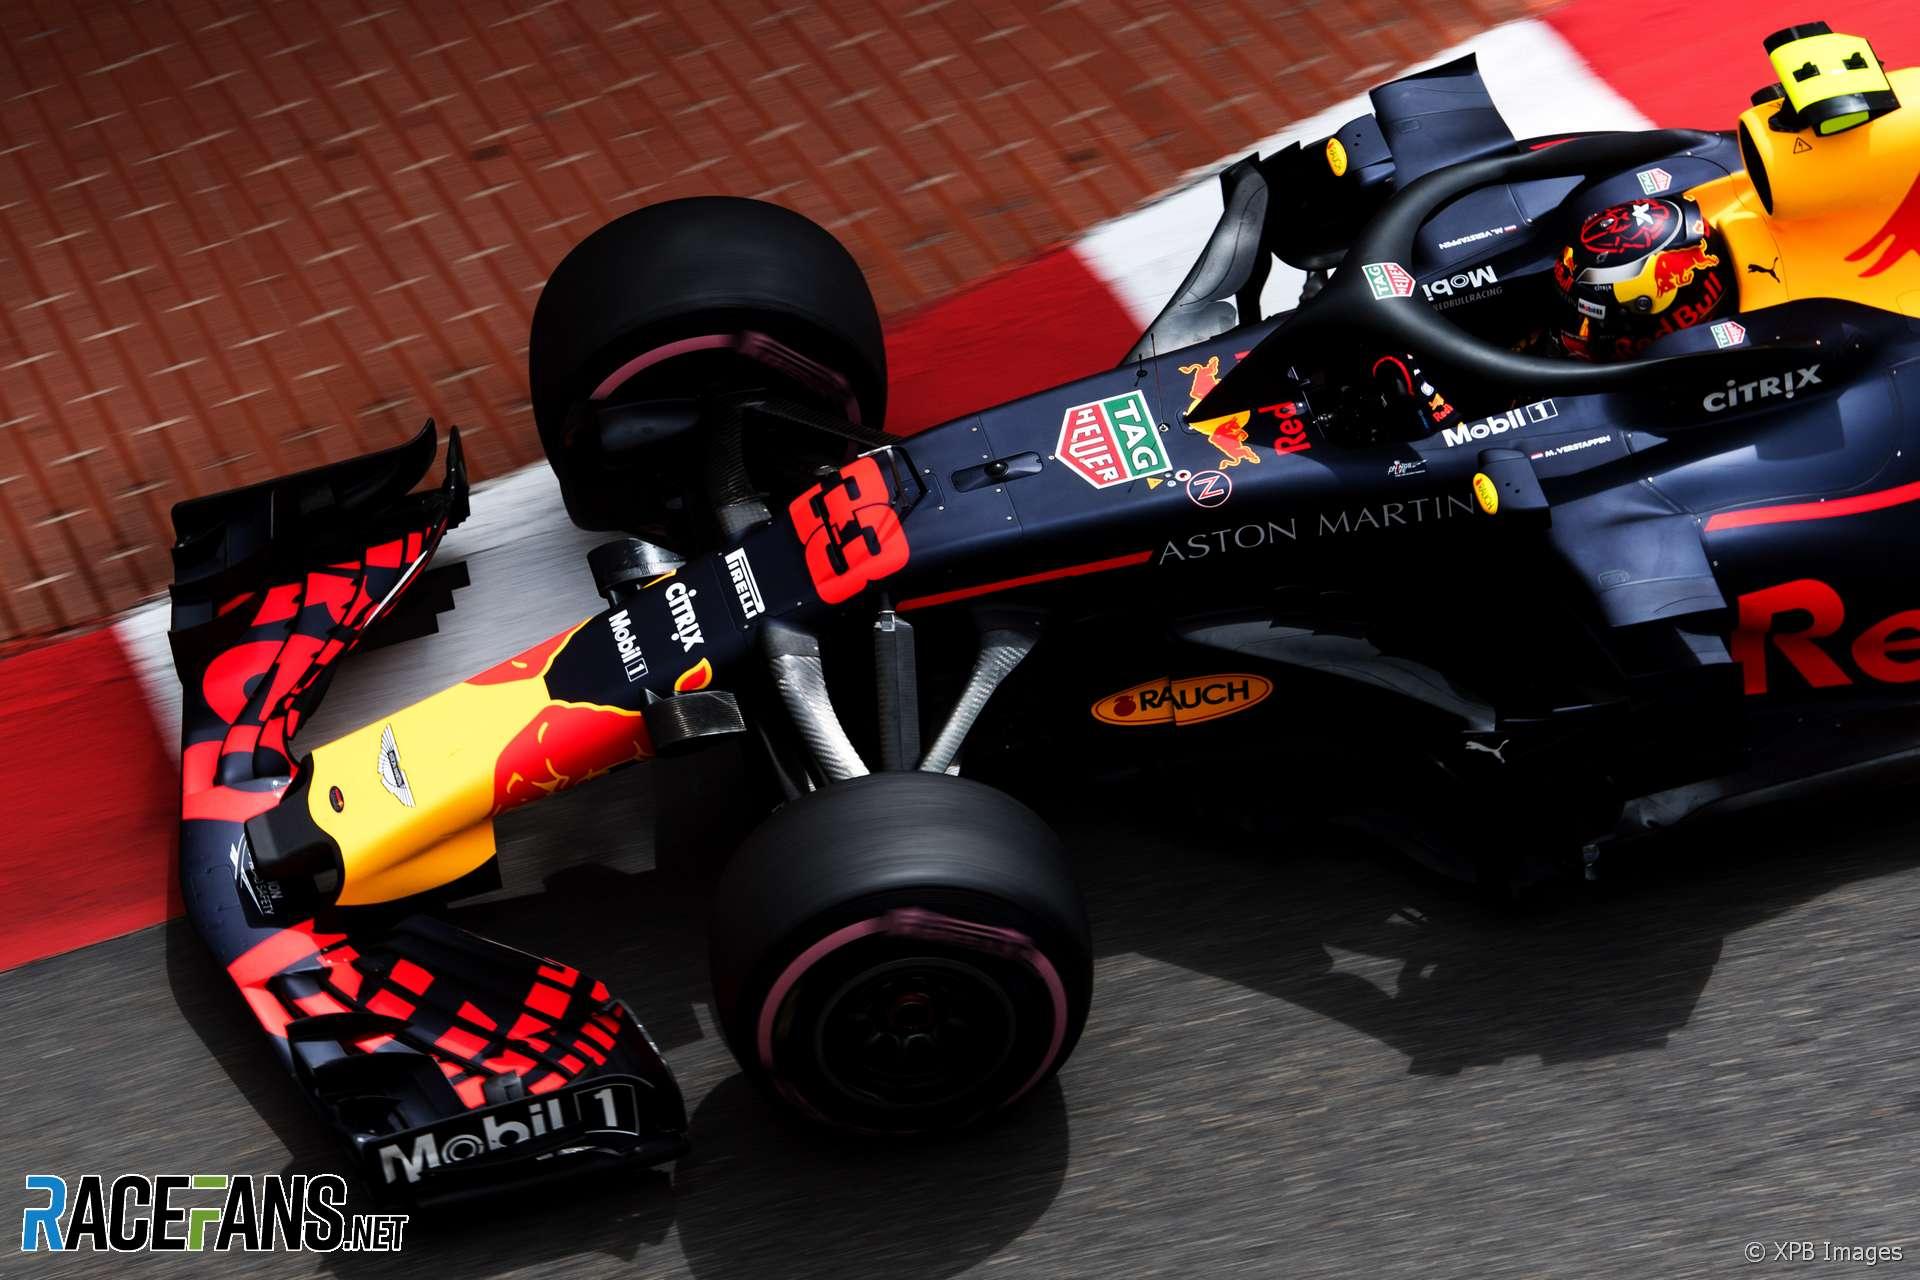 Max Verstappen, Red Bull, Monaco, 2018